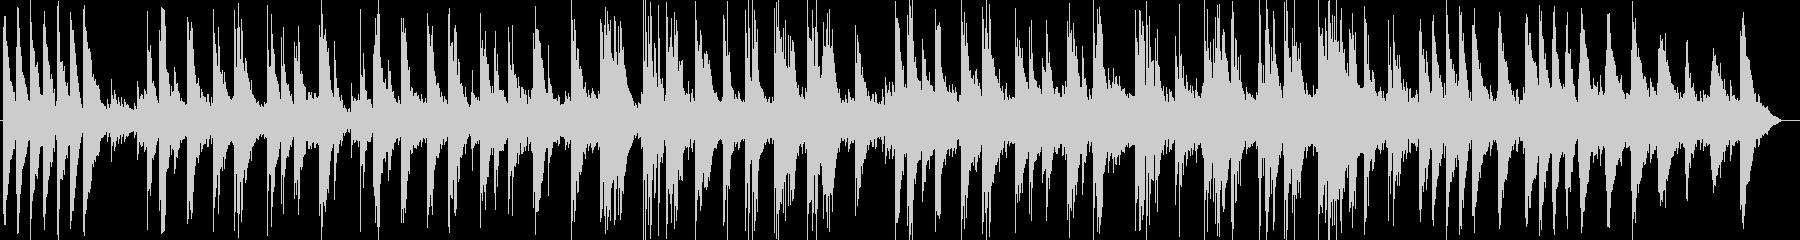 ゆったり切ないギター・シンセ曲の未再生の波形